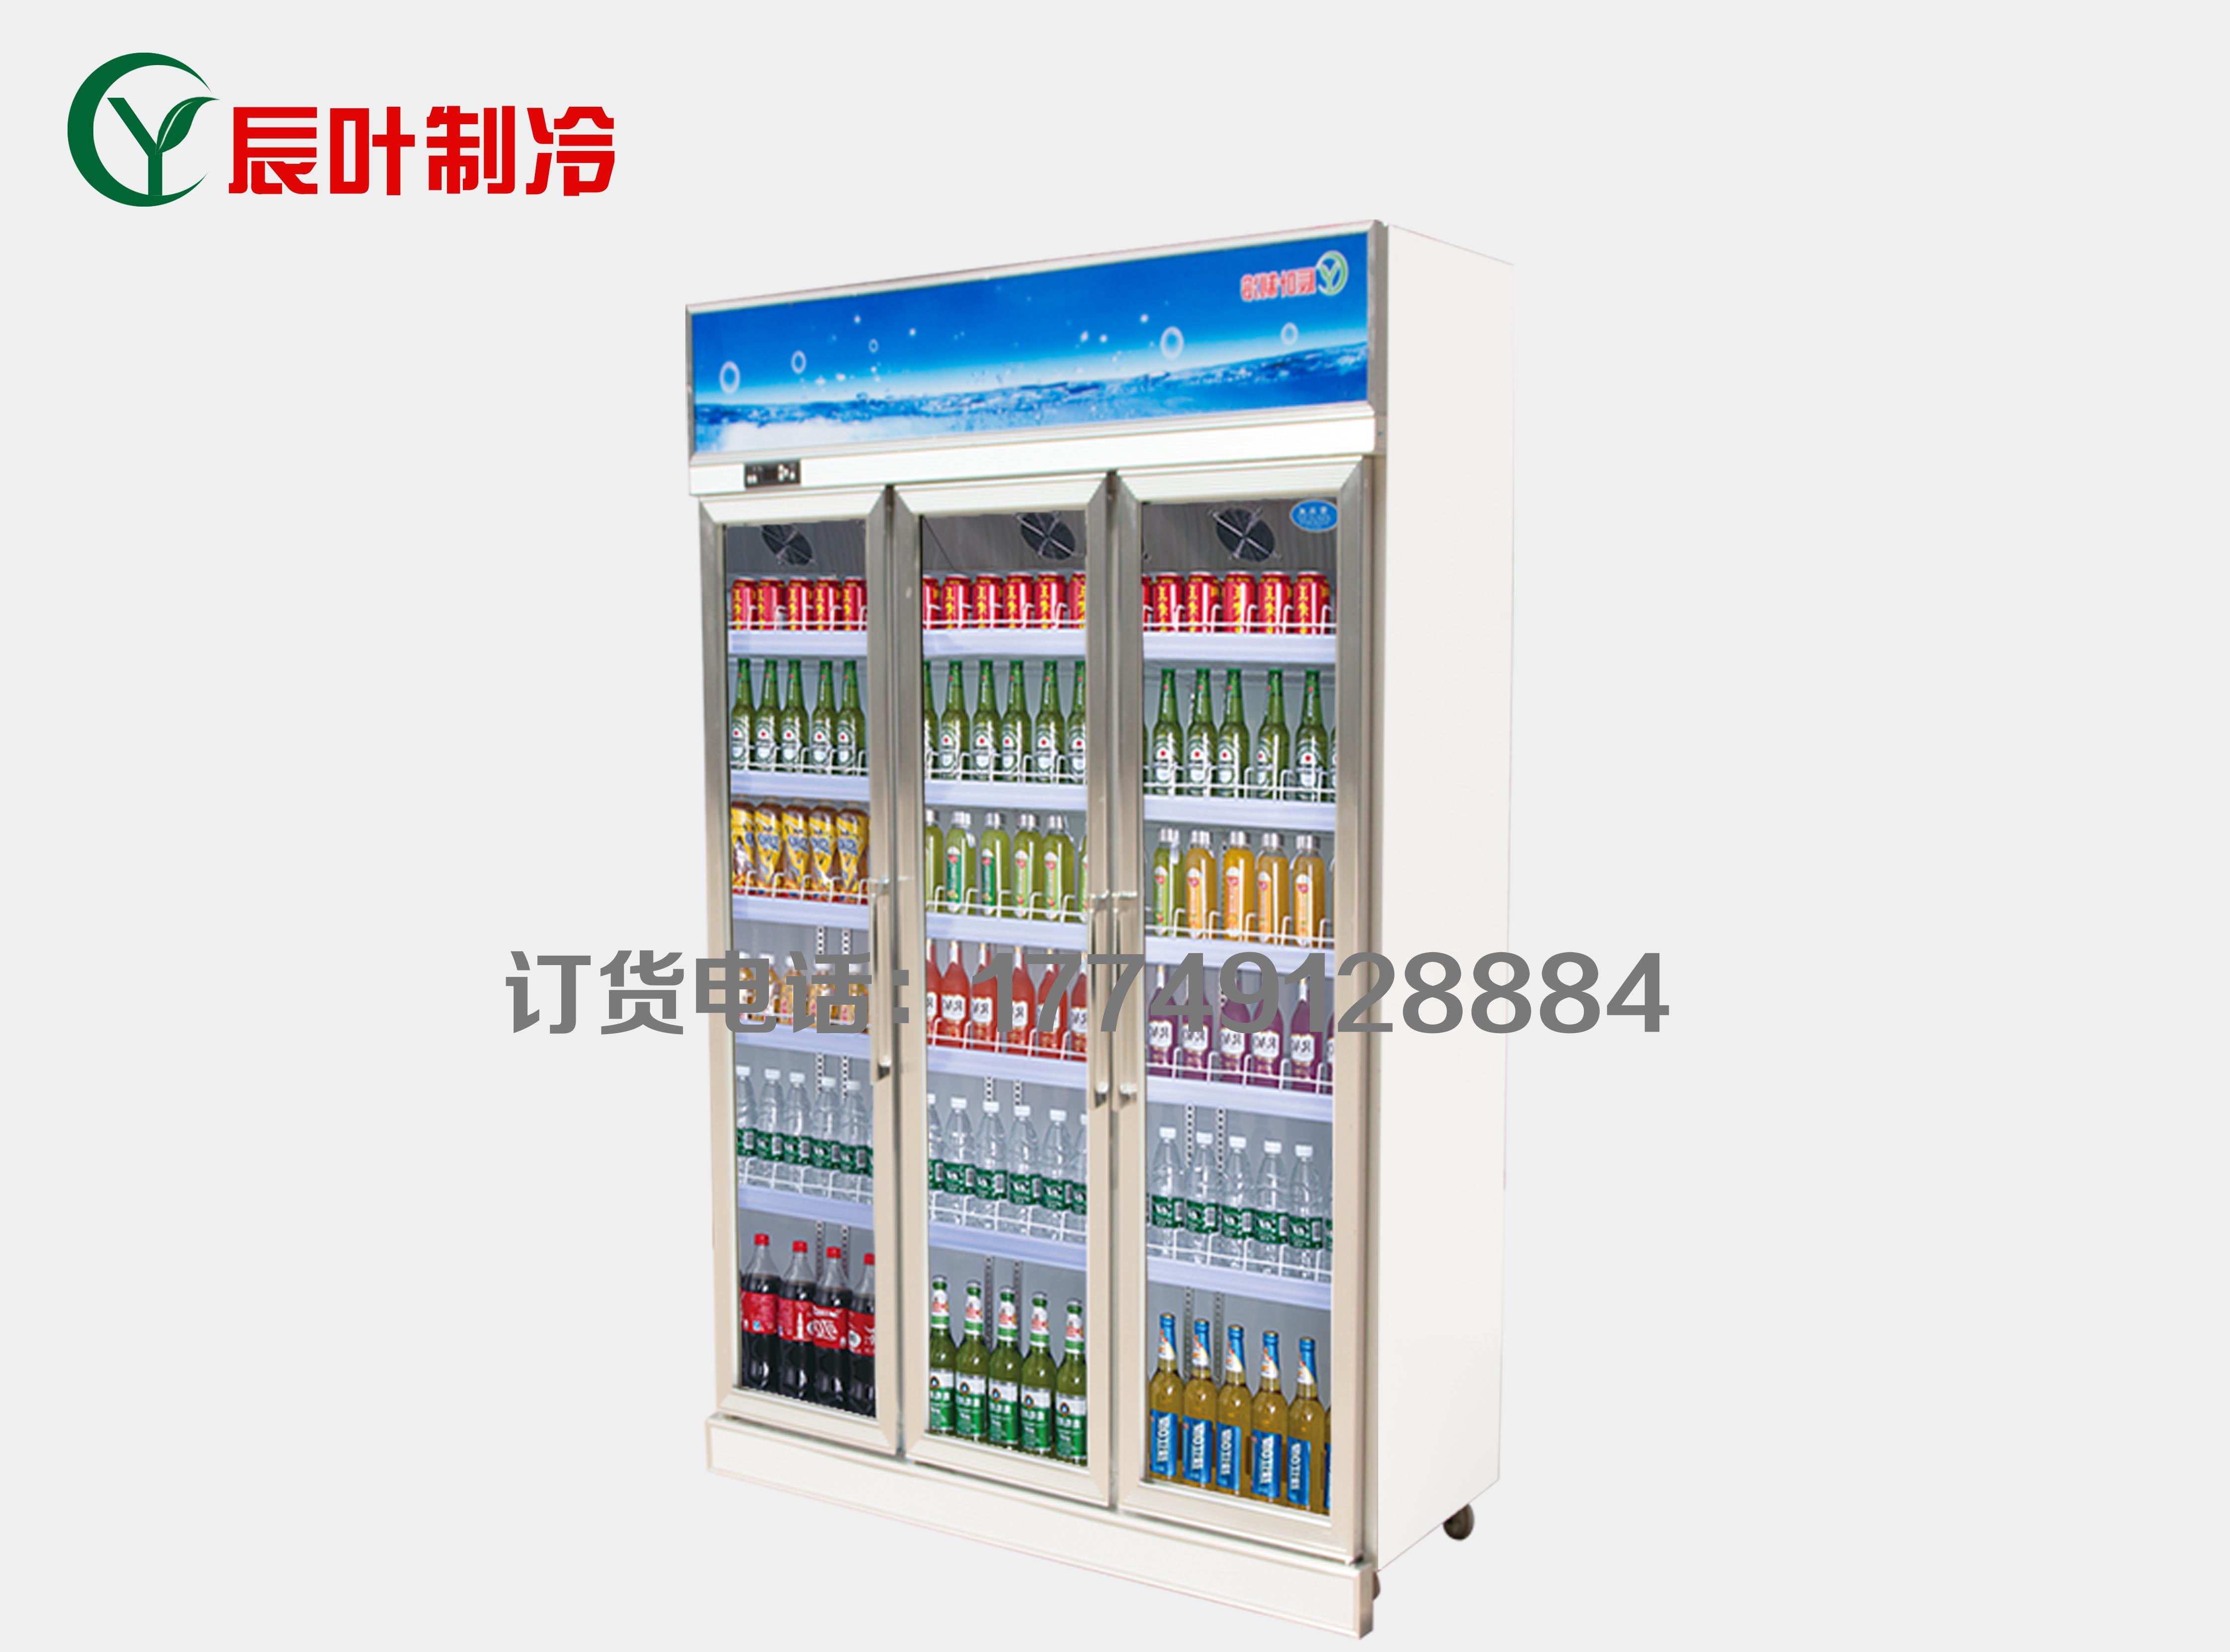 便利店冷櫃不製冷的原因是什麽?